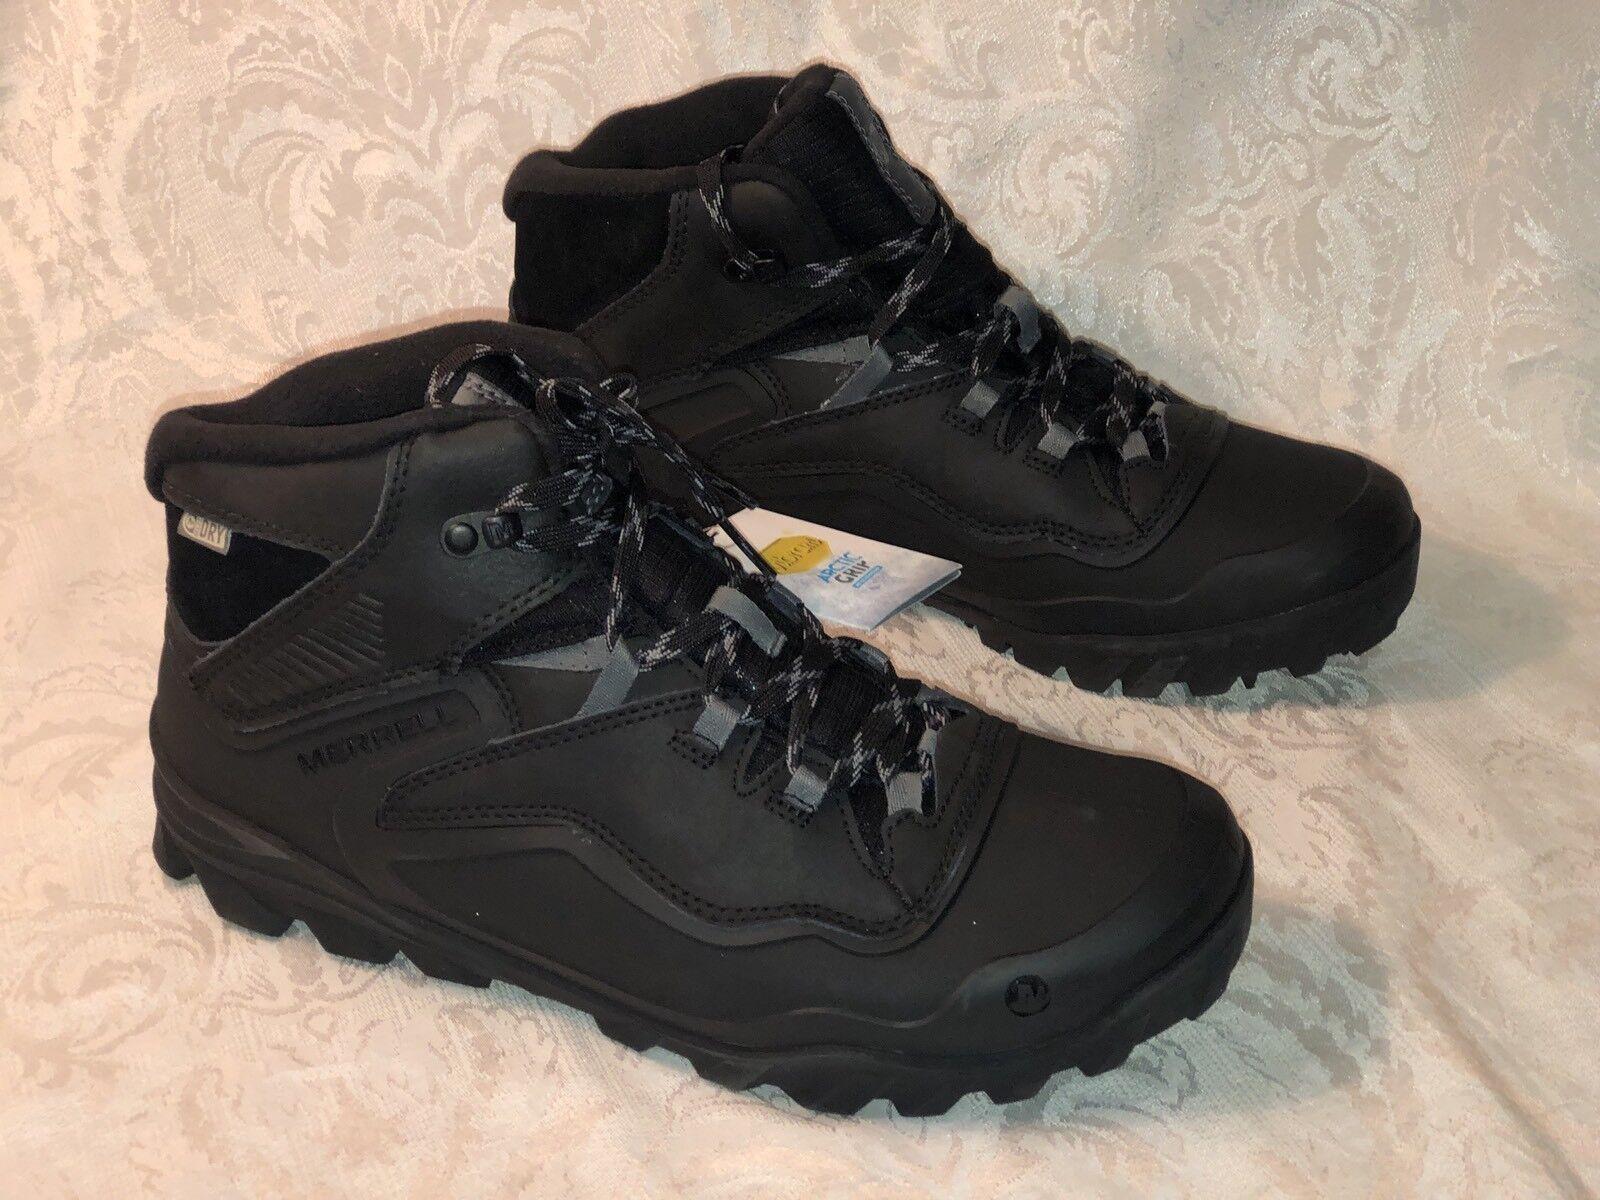 New Sz 9 Merrell Overlook 6 Ice+ Waterproof Winter Boots Black J37039 Men's